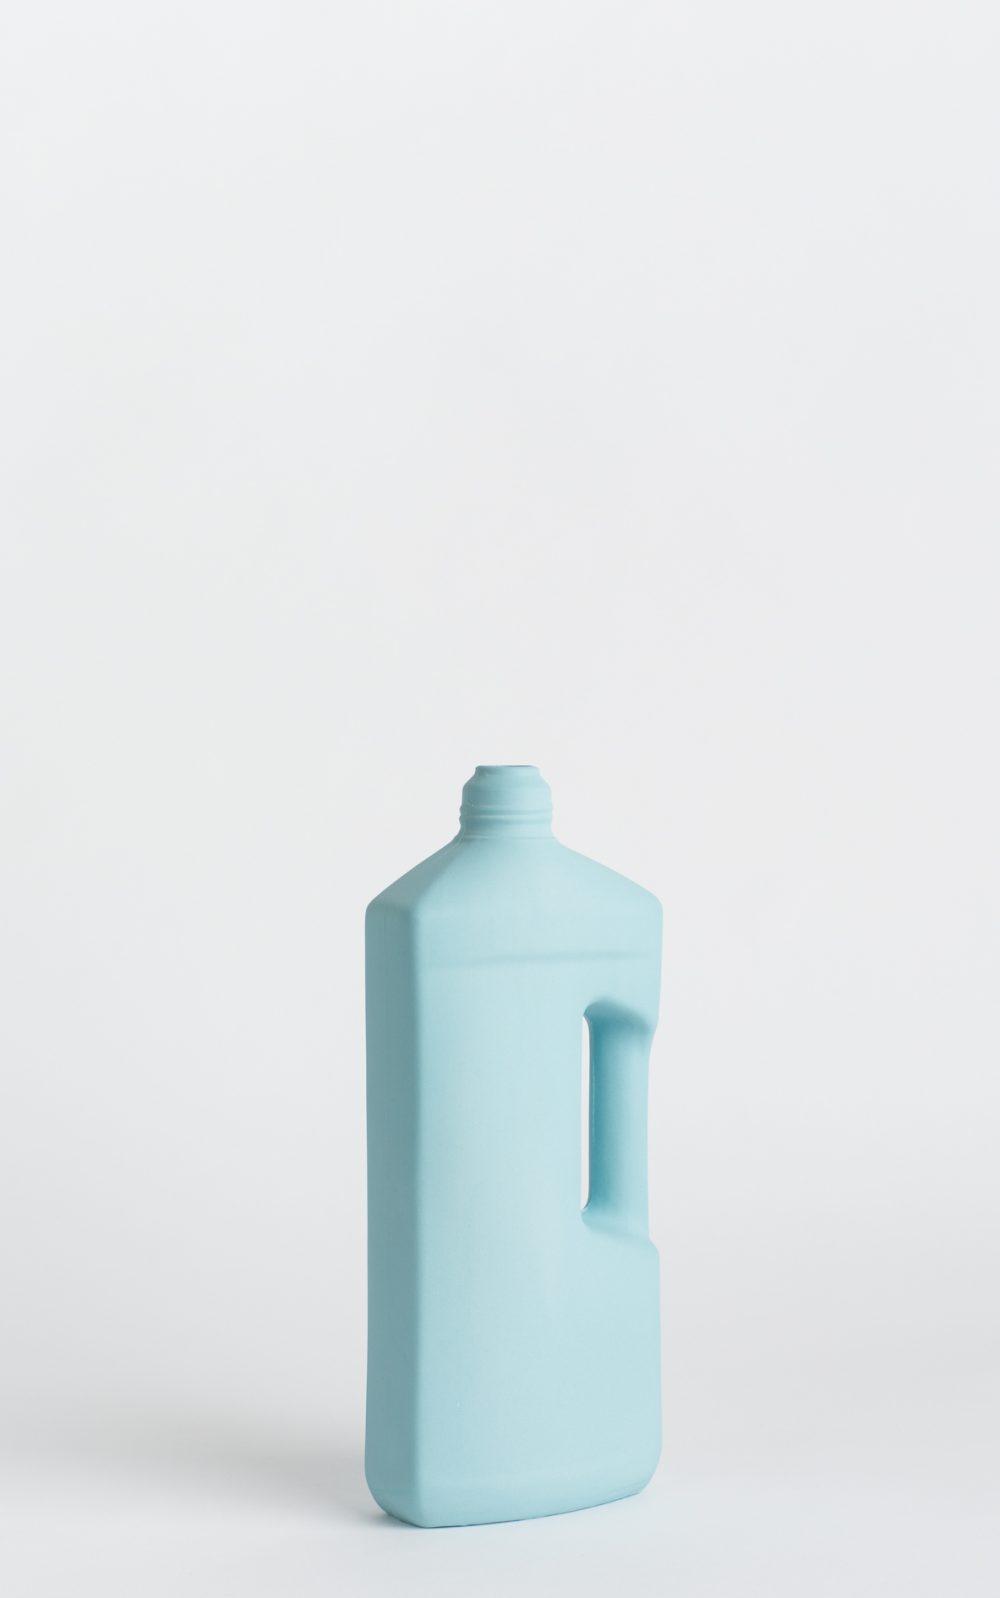 bottle vase #3 light blue